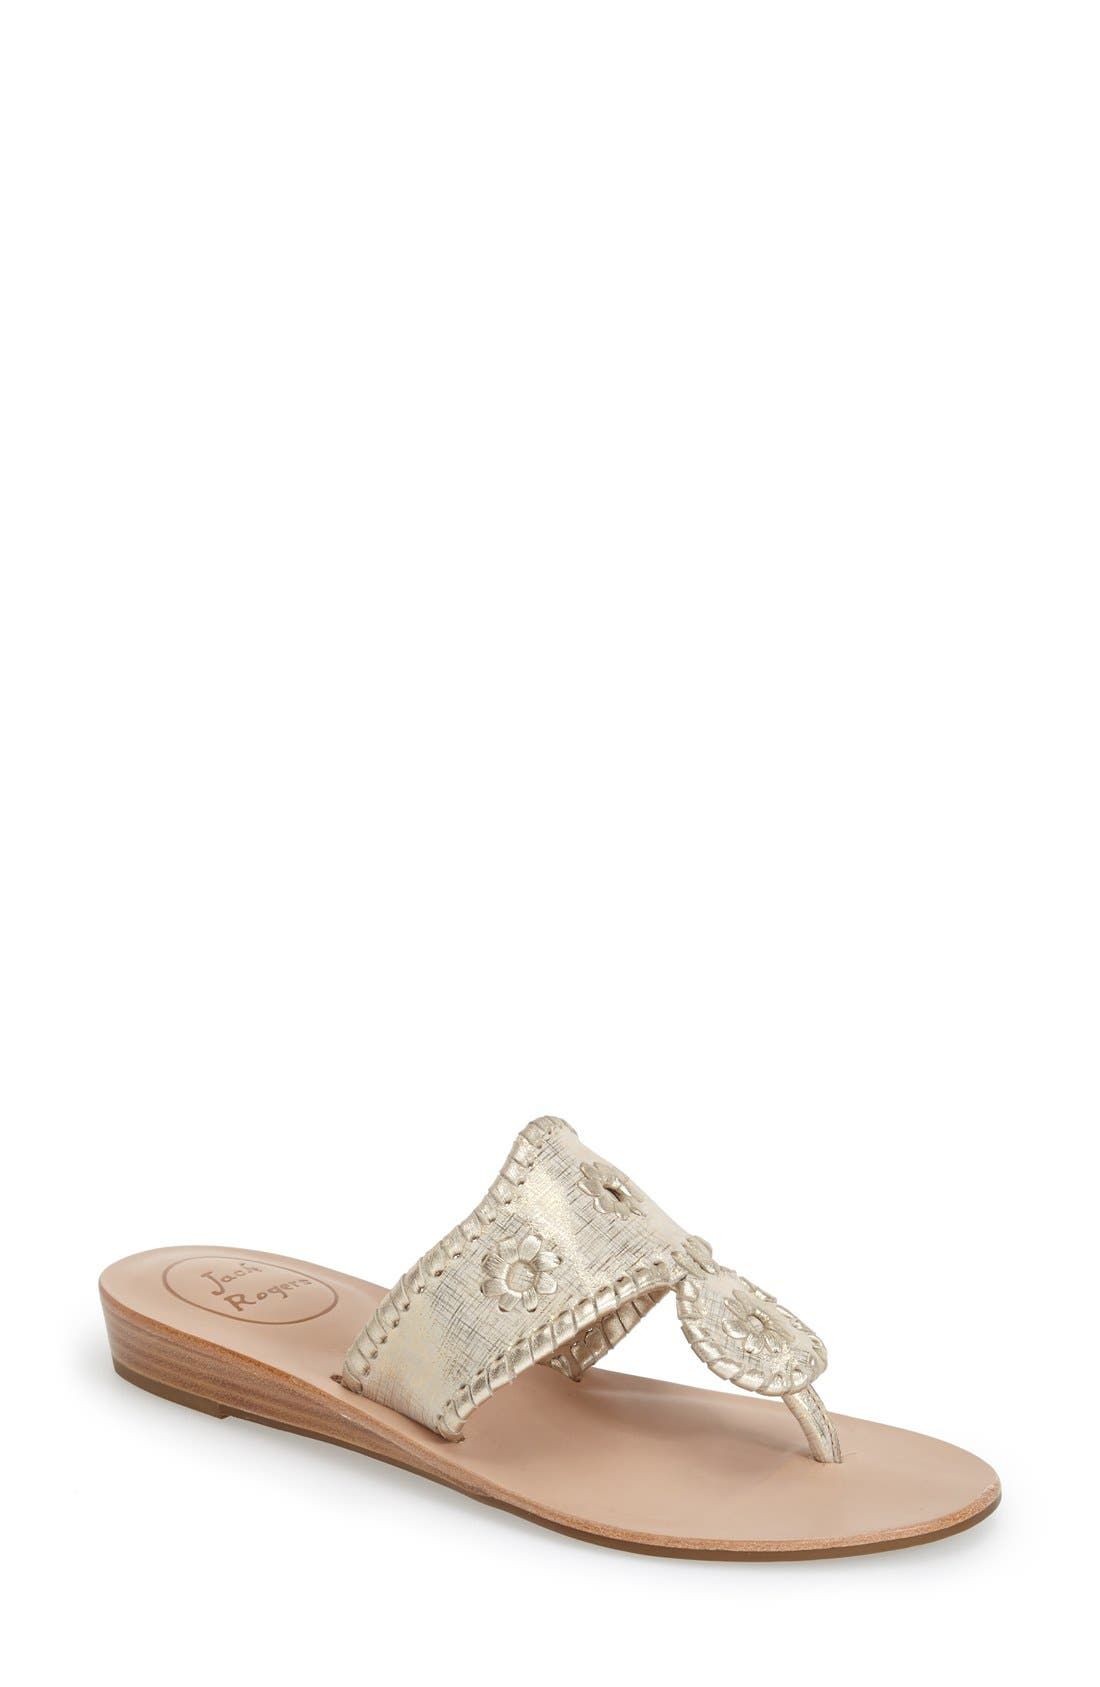 'Capri' Etched Sandal, Main, color, 042